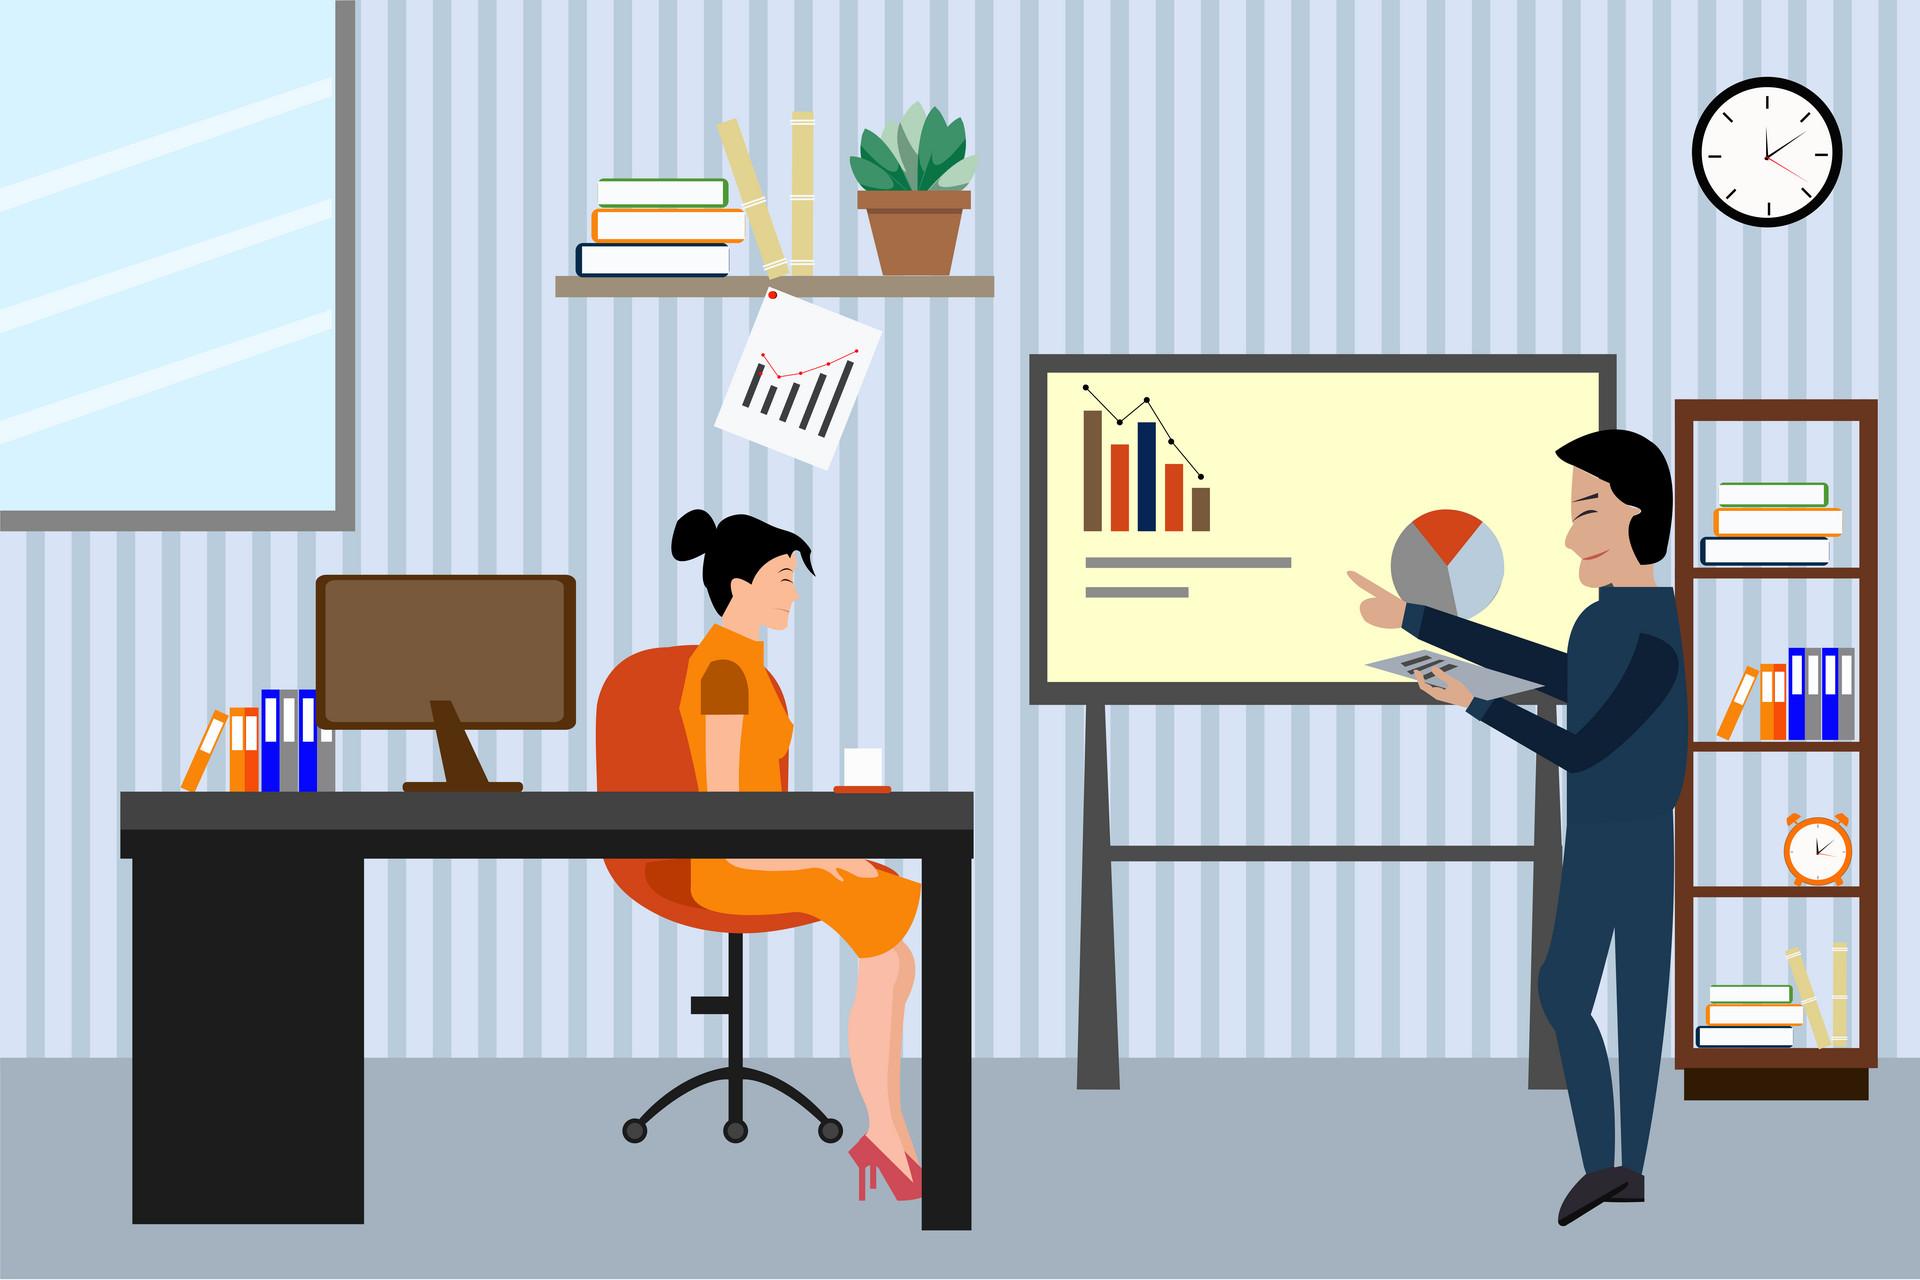 用excel制作工资条的三个重点要素,教你快速制作工资条